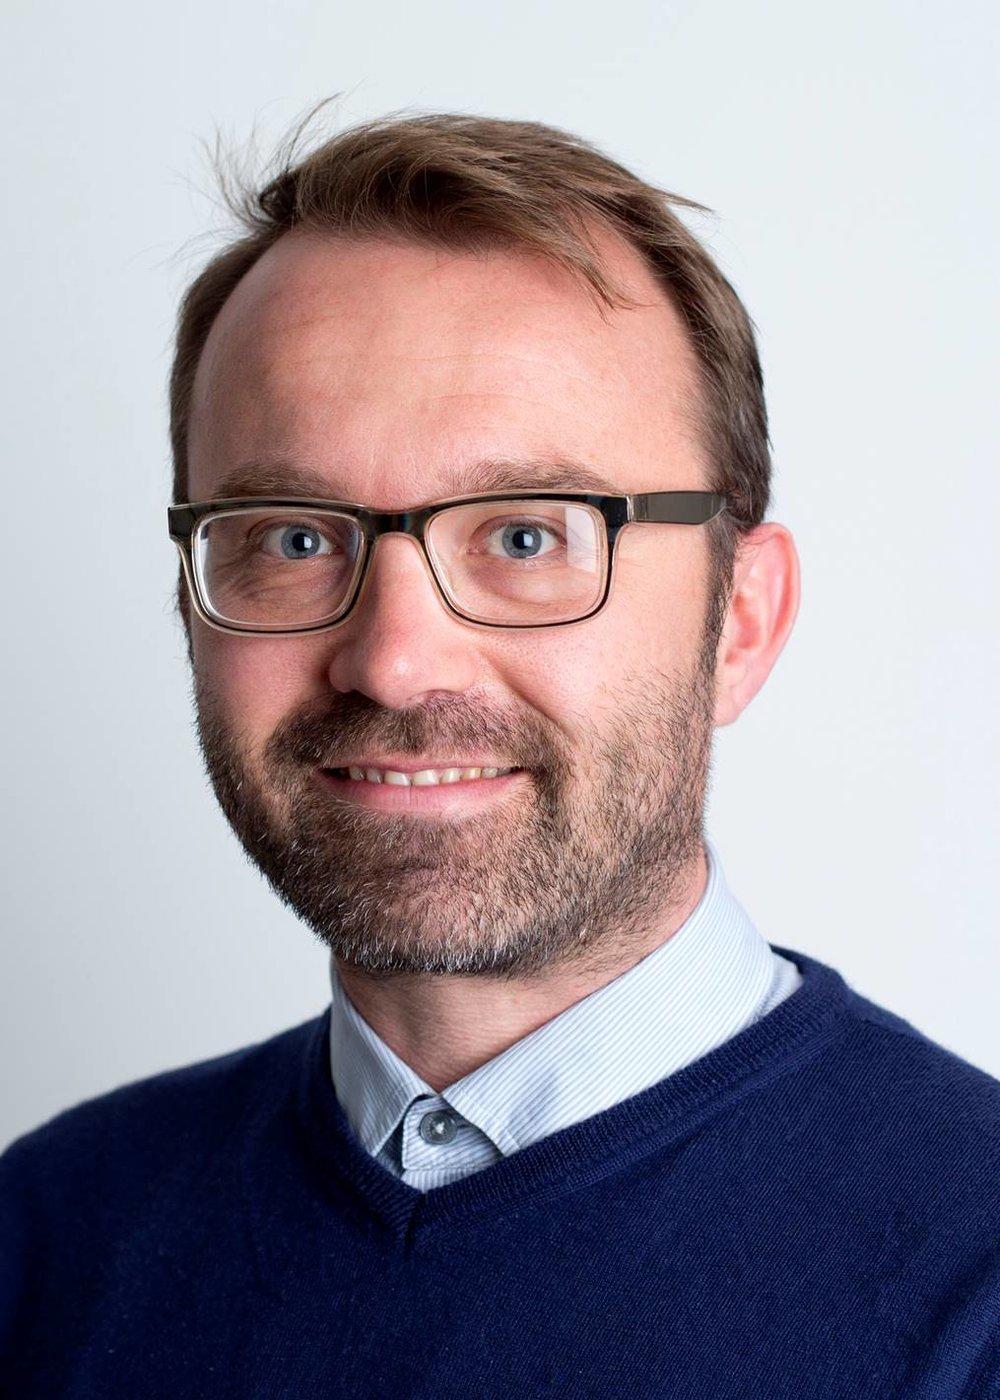 Sam Barcroft, Founder Barcroft Media